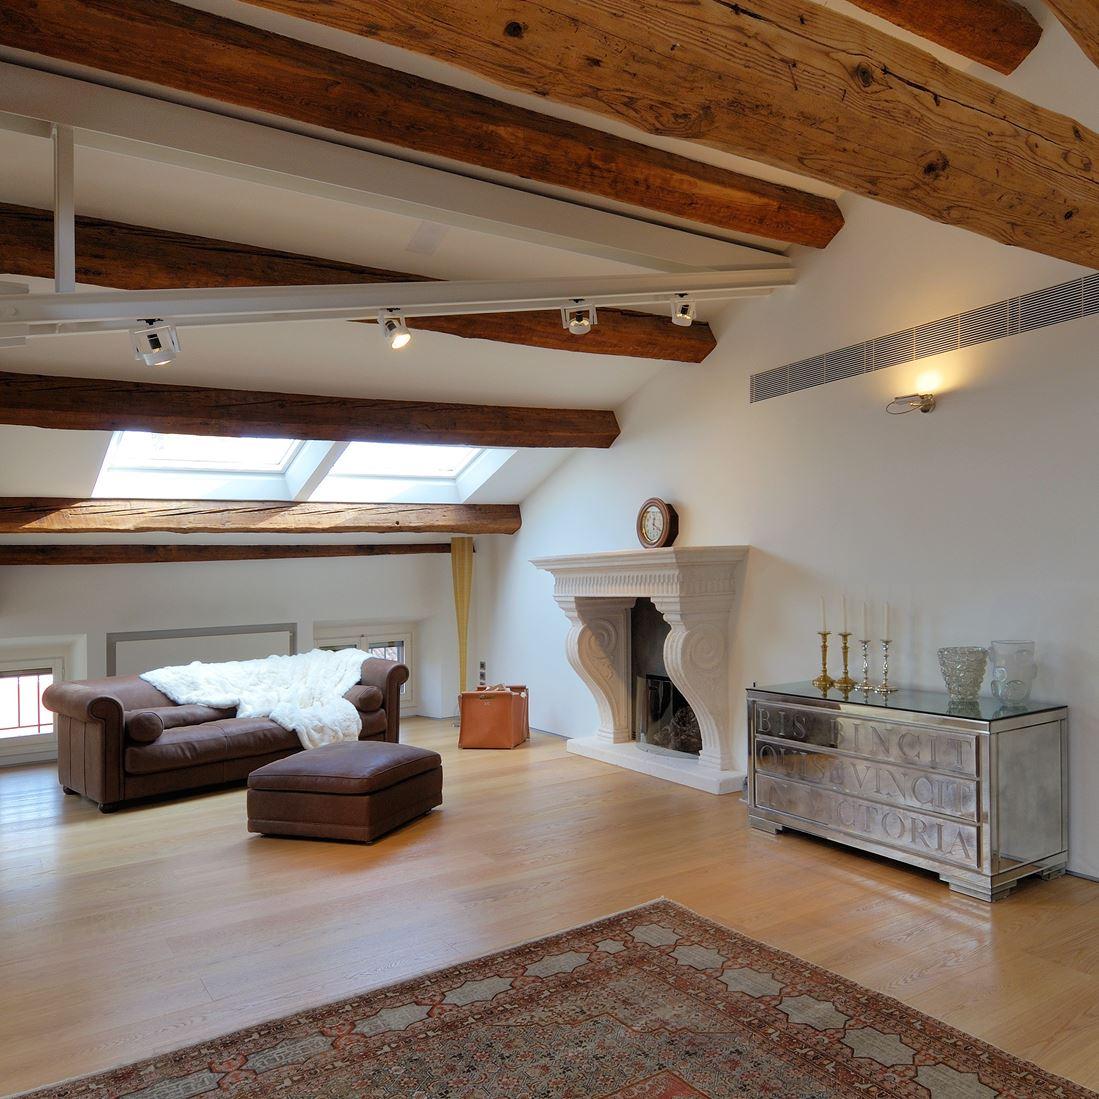 Salotto In Stile Moderno Con Parquet Interior Design : Un attico in centro città mansarda